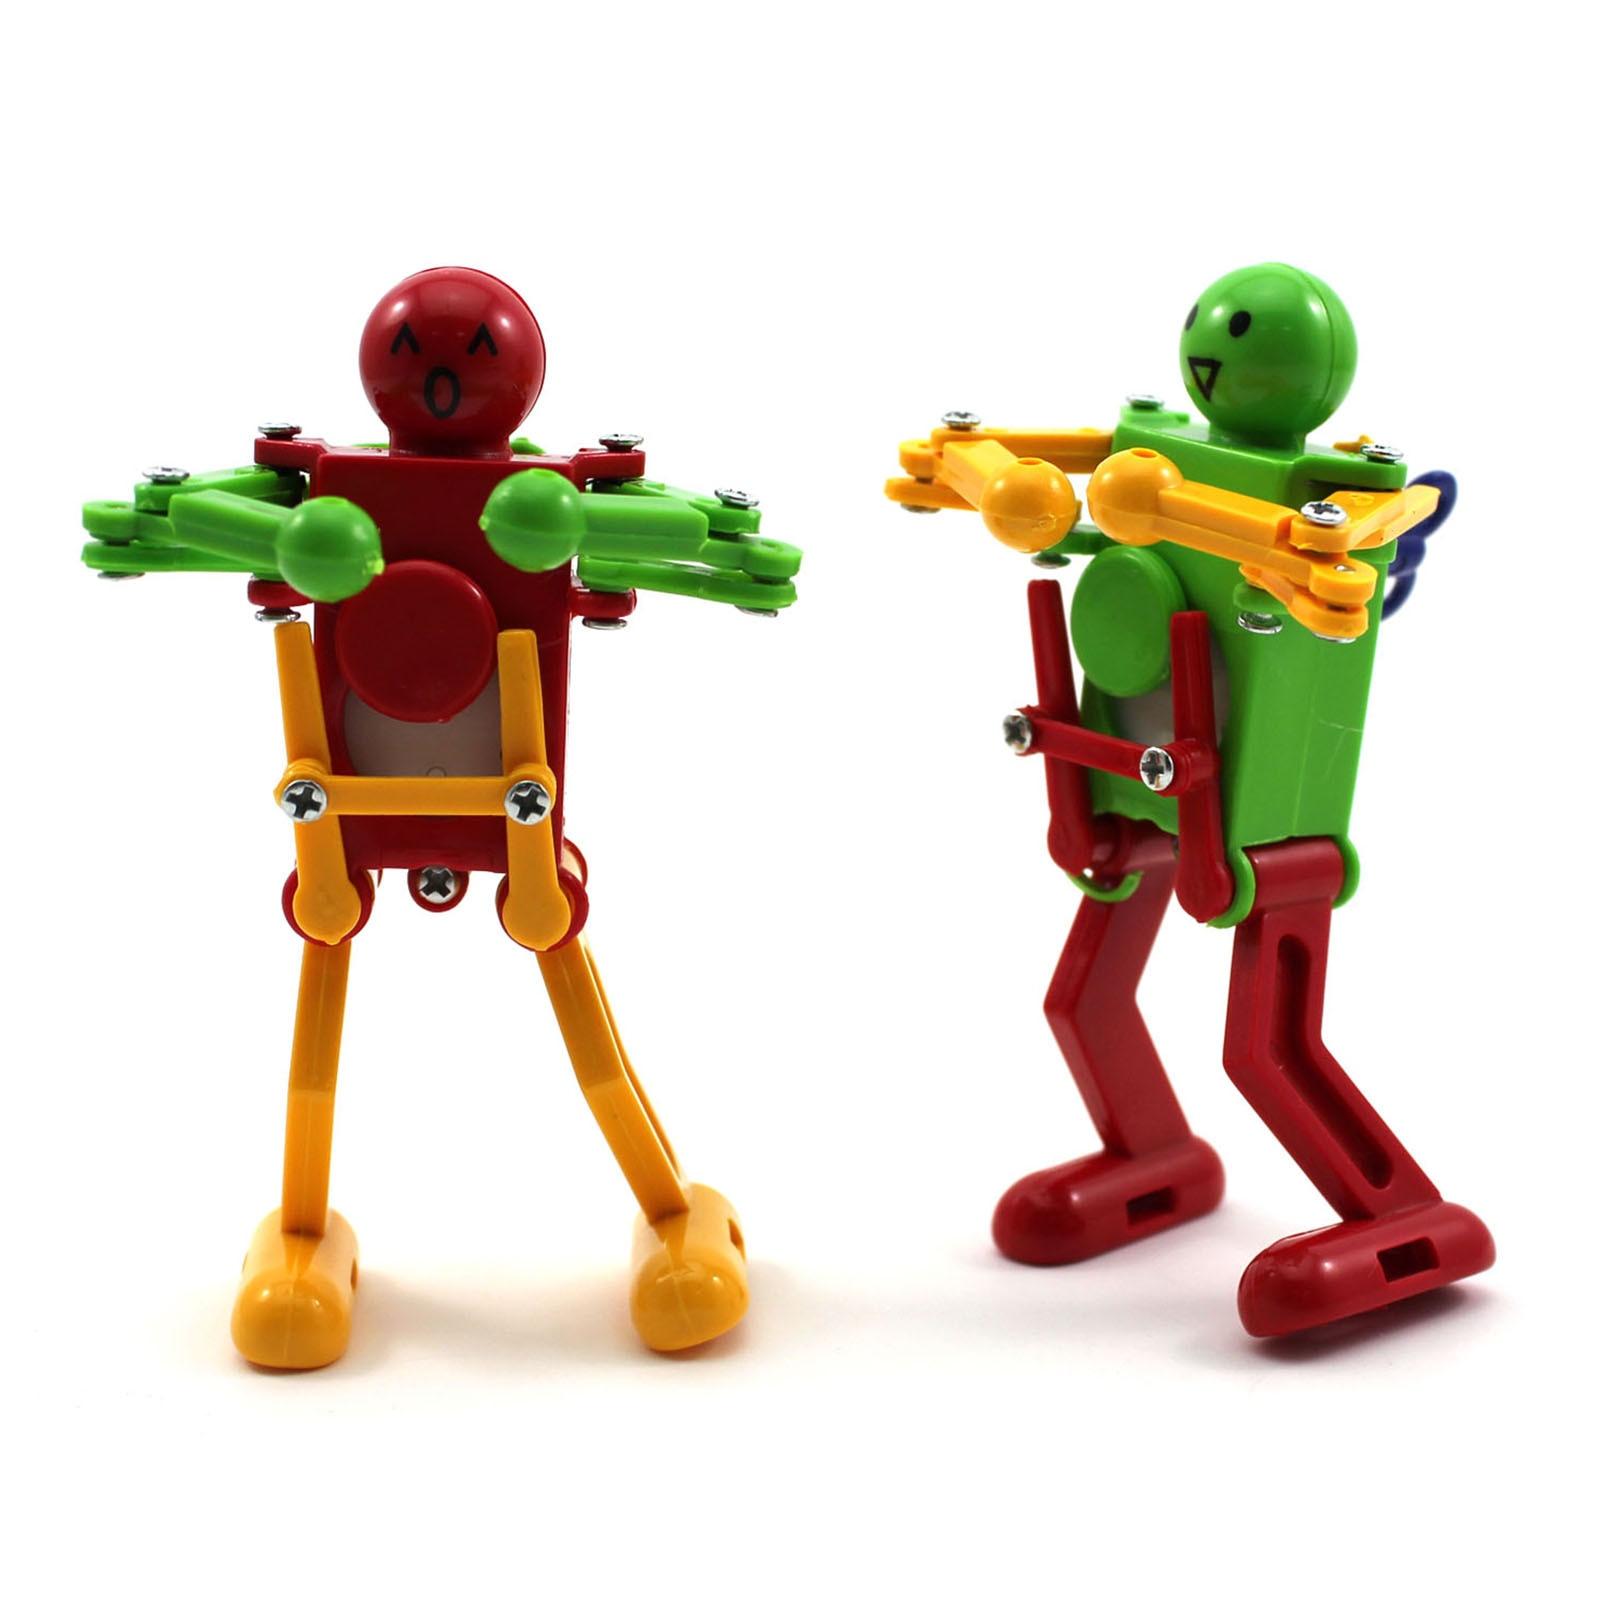 Creative Cute Dancing Robot Toy Children Kids Clockwork